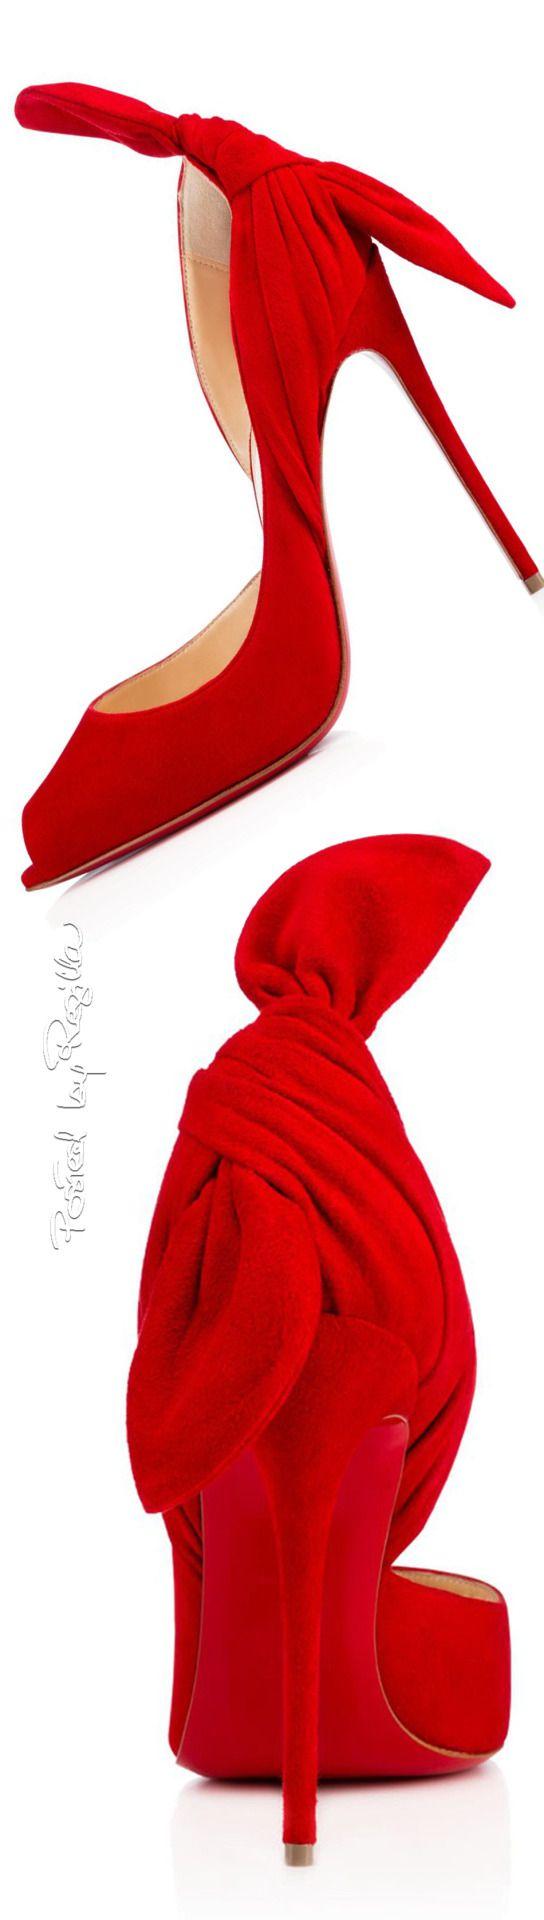 do christian louboutin repair shoes